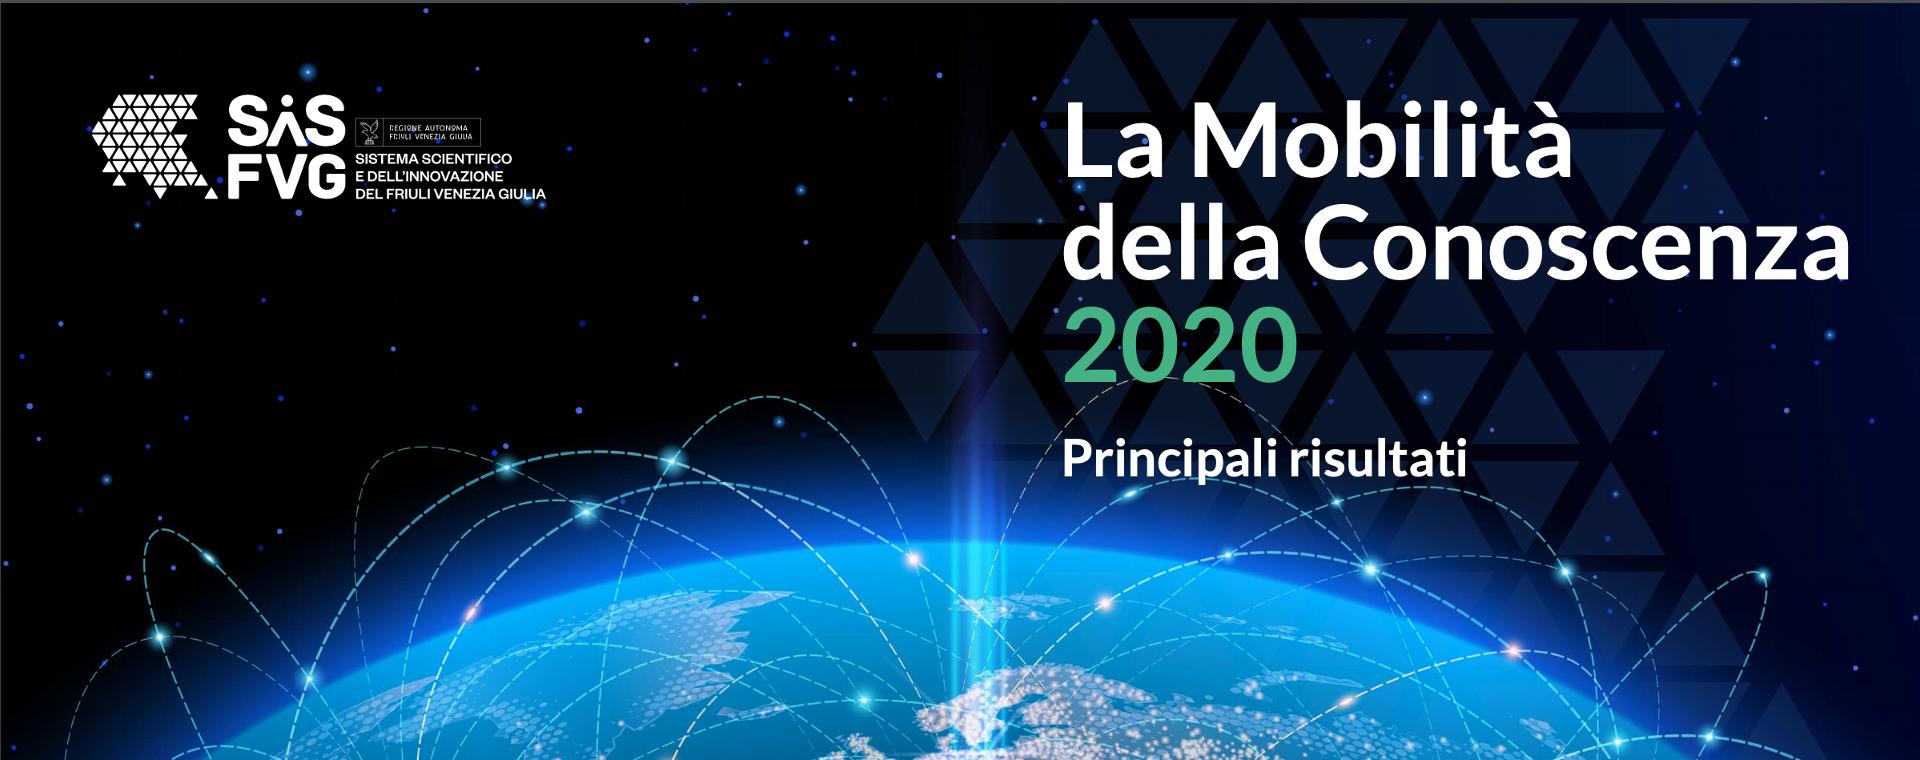 La Mobilità della Conoscenza 2020